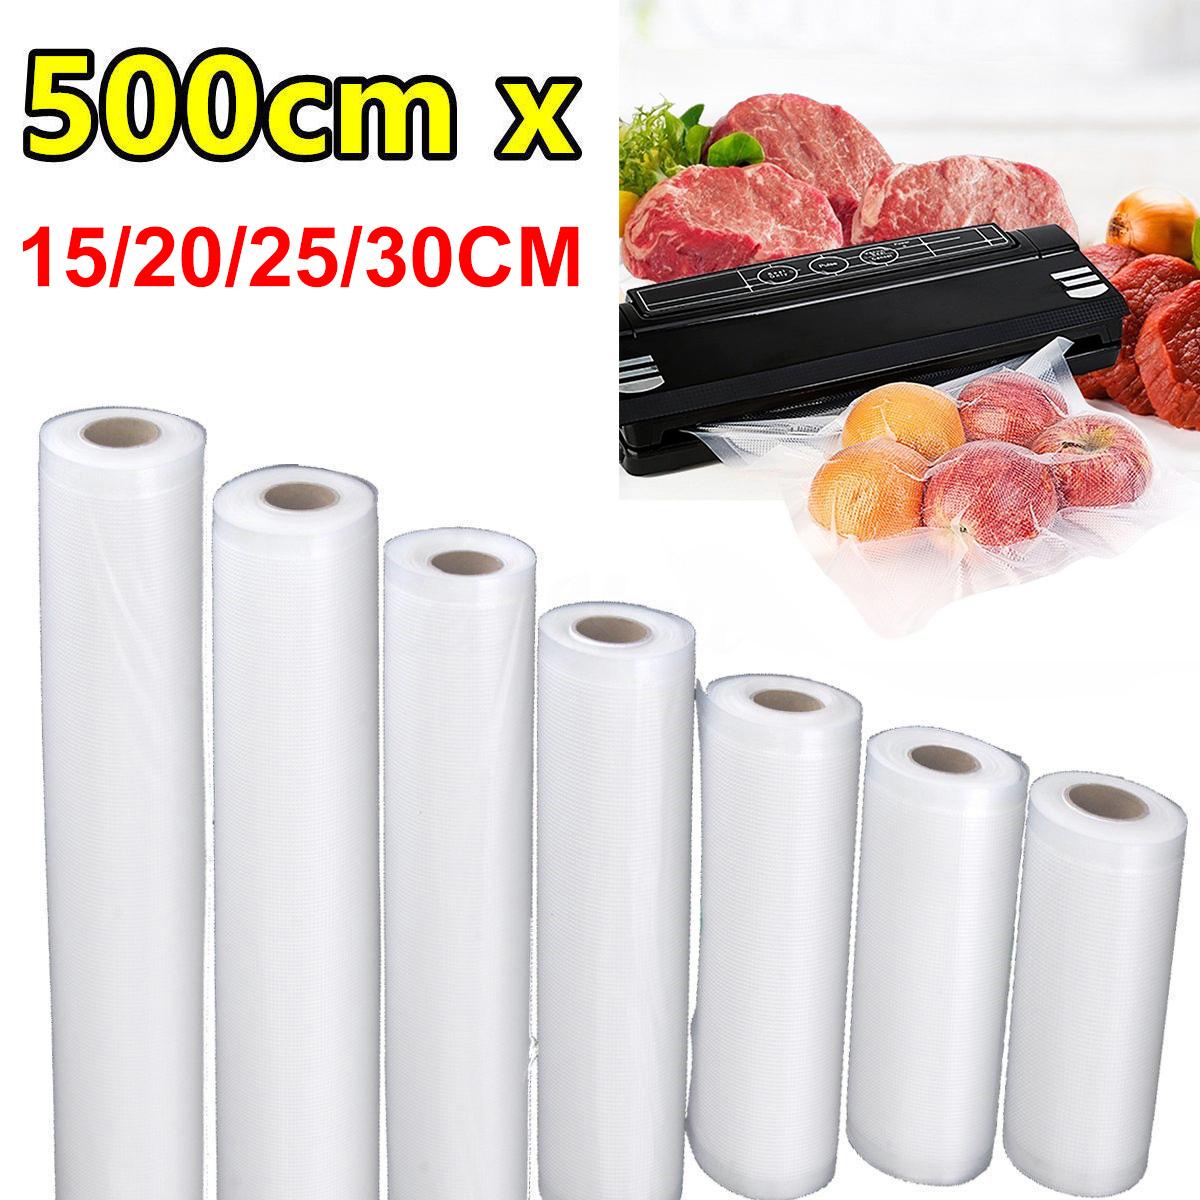 5m Roll Textured Vacuum Food Sealer Vac Diy Sealer Bags